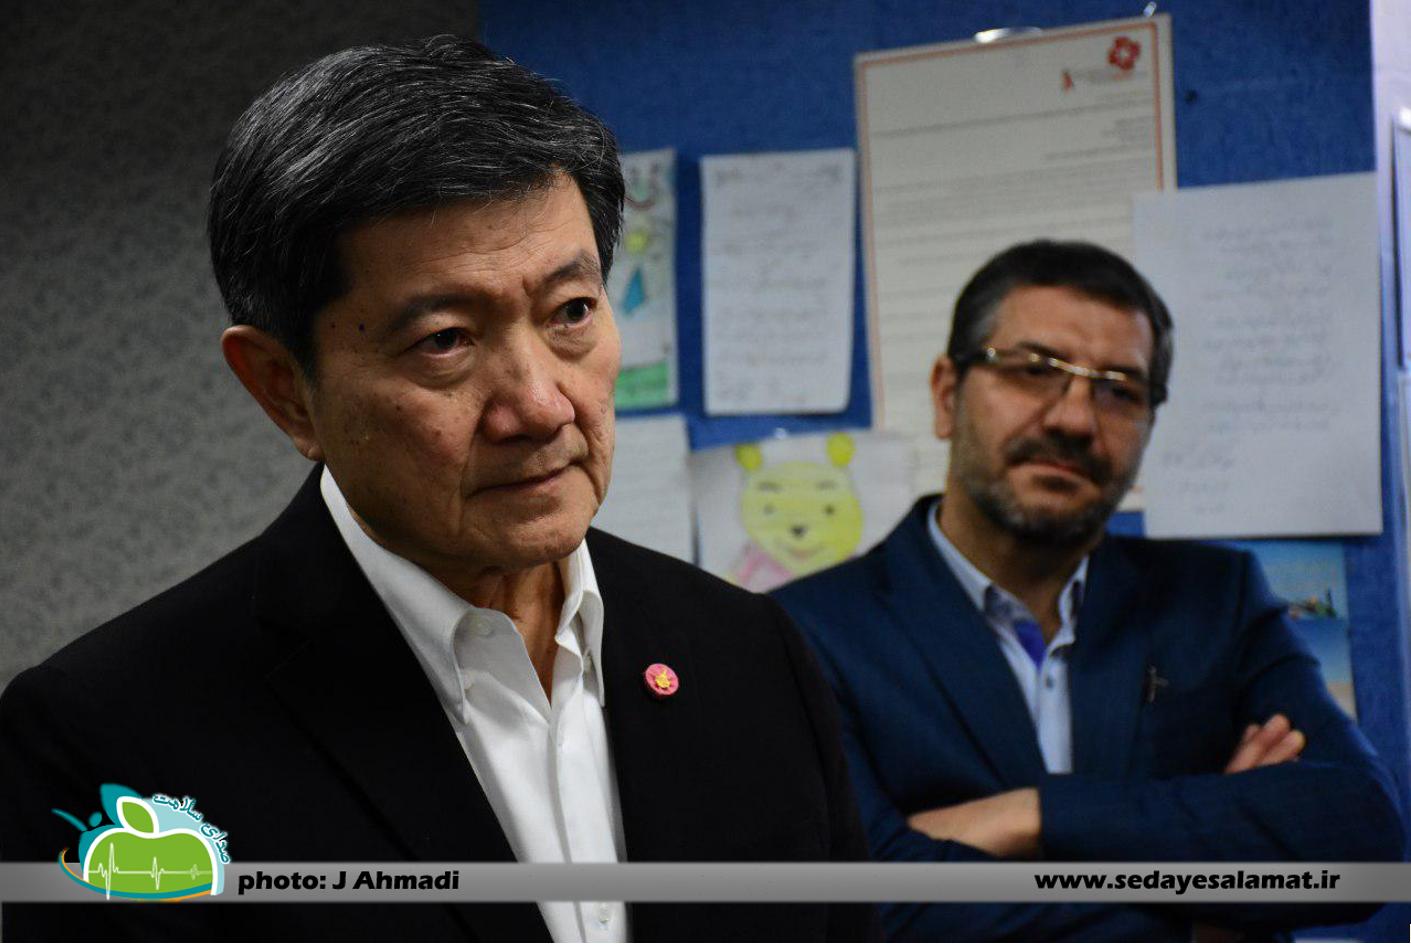 سفر وزیر بهداشت تایلند به اصفهان (12)